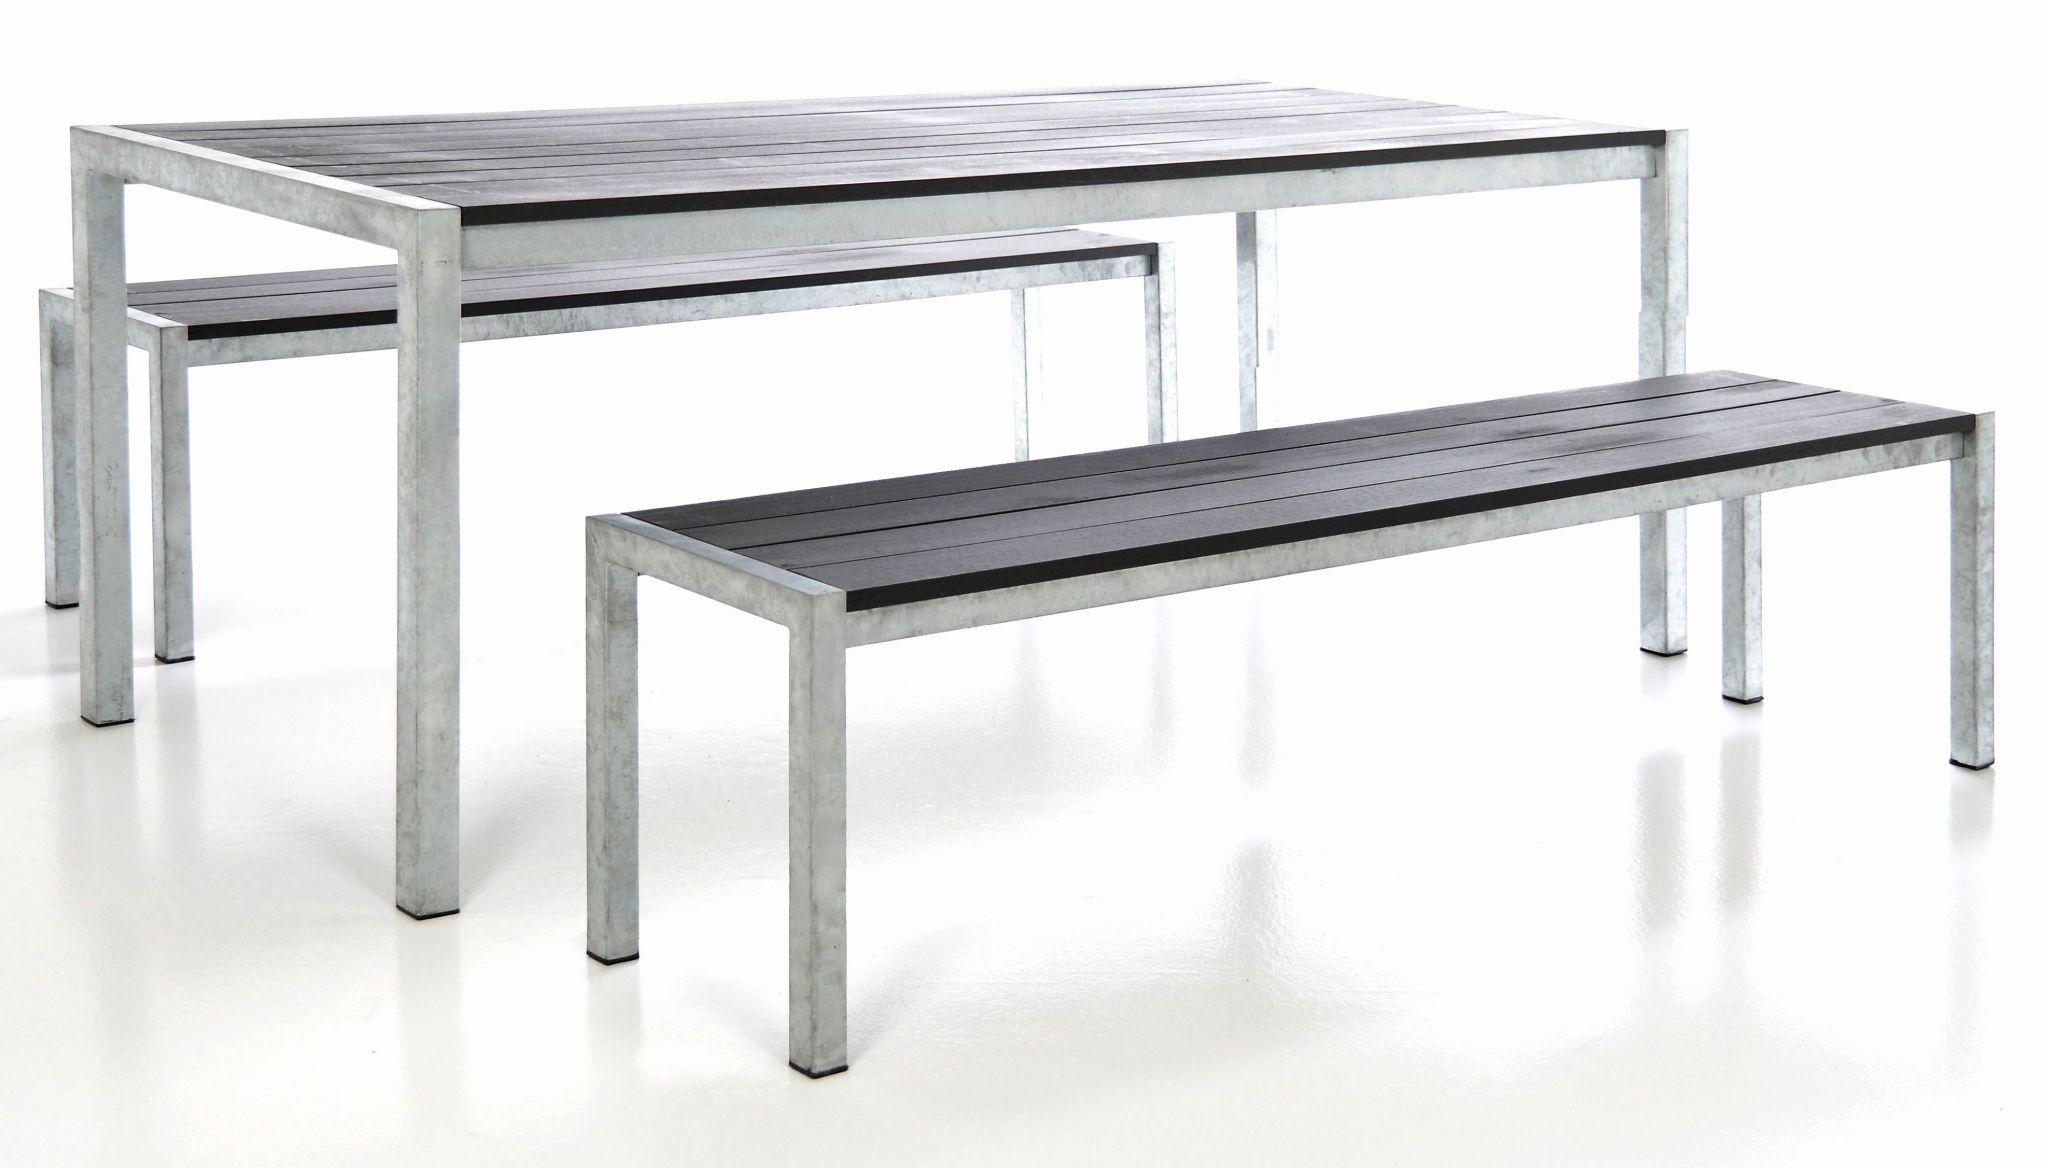 Banc De Jardin Aluminium Beau Table Et Banc Pour Terrasse